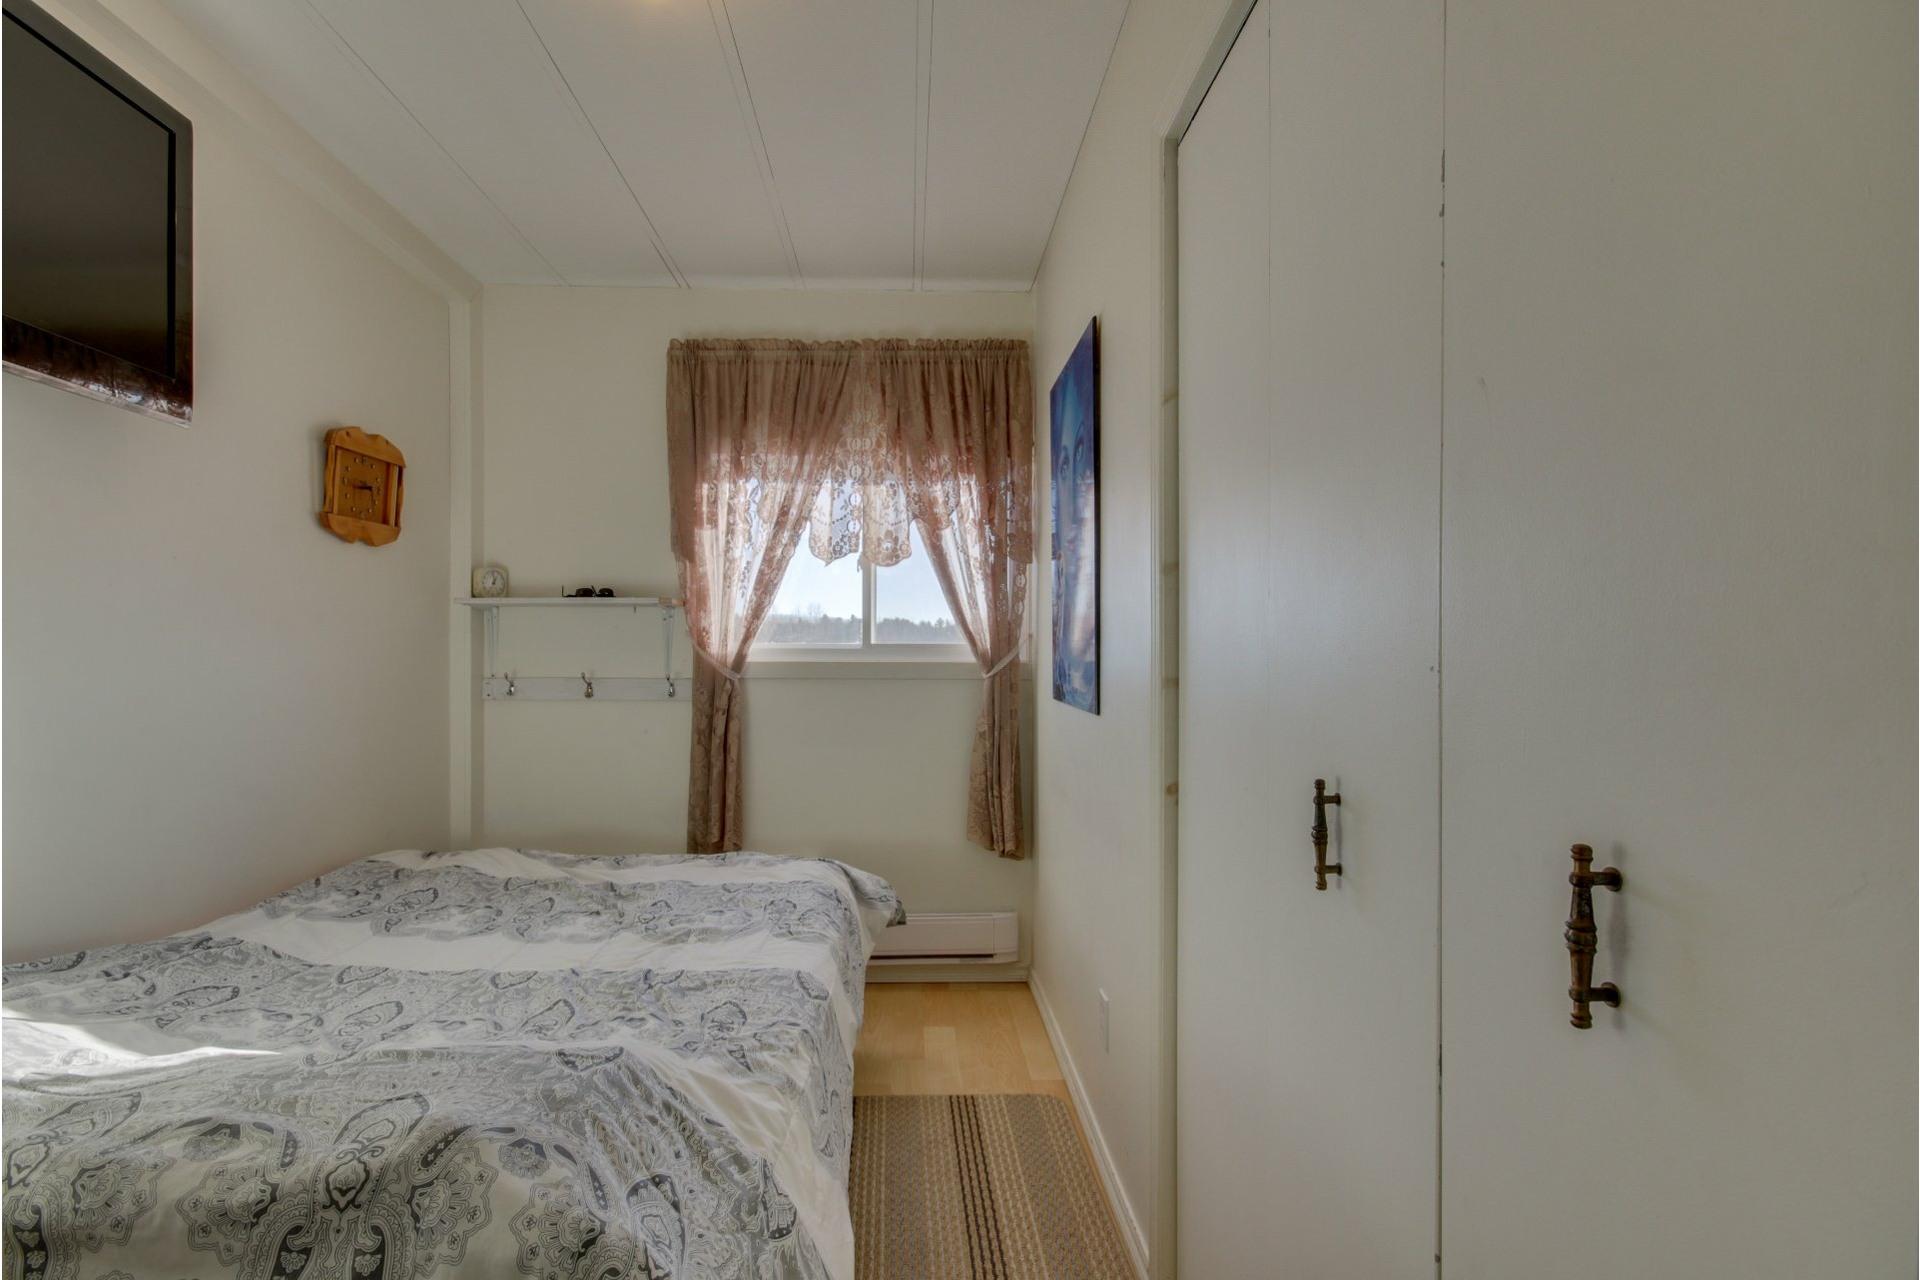 image 17 - House For sale Saint-Pierre-les-Becquets - 6 rooms